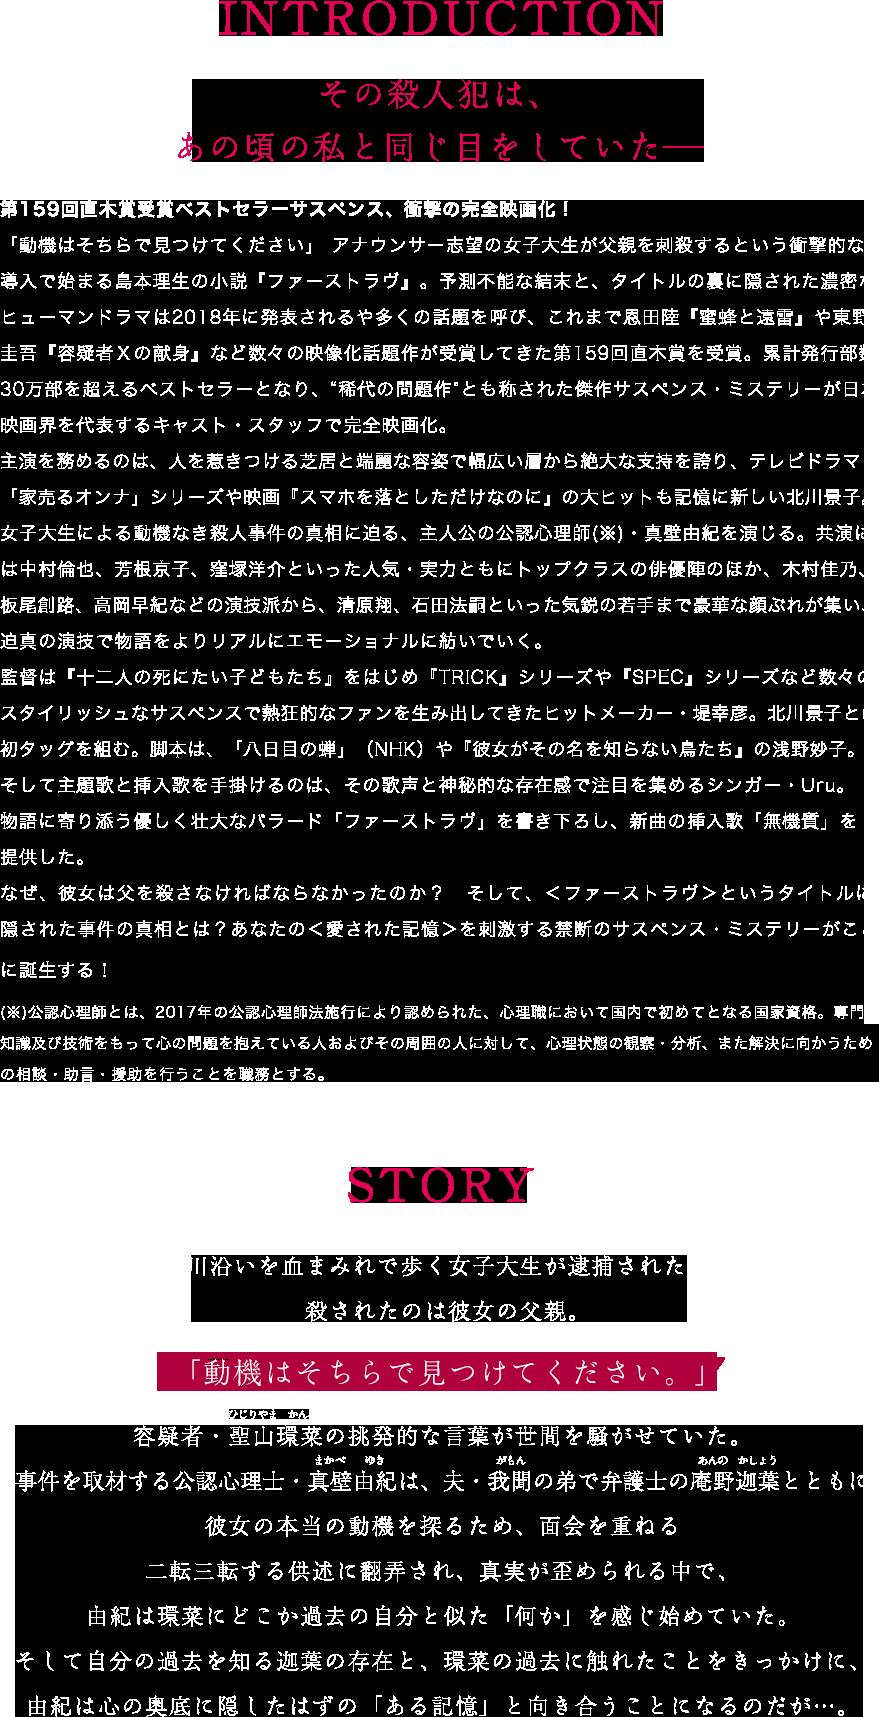 イントロダクション・ストーリー